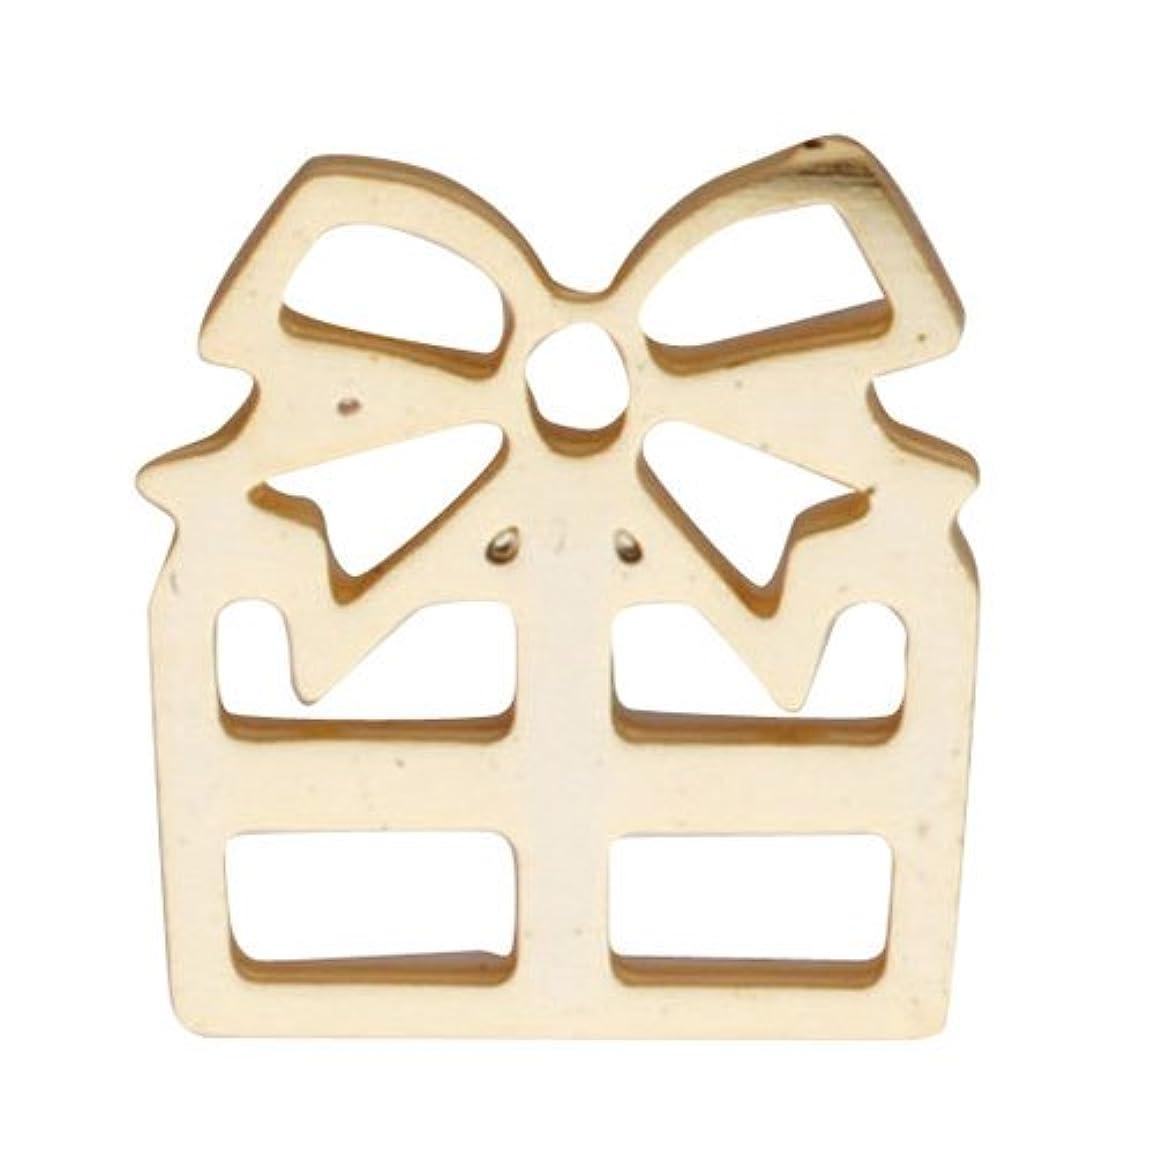 架空のレスリングボイコットリトルプリティー ネイルアートパーツ プレゼント ゴールド 10個